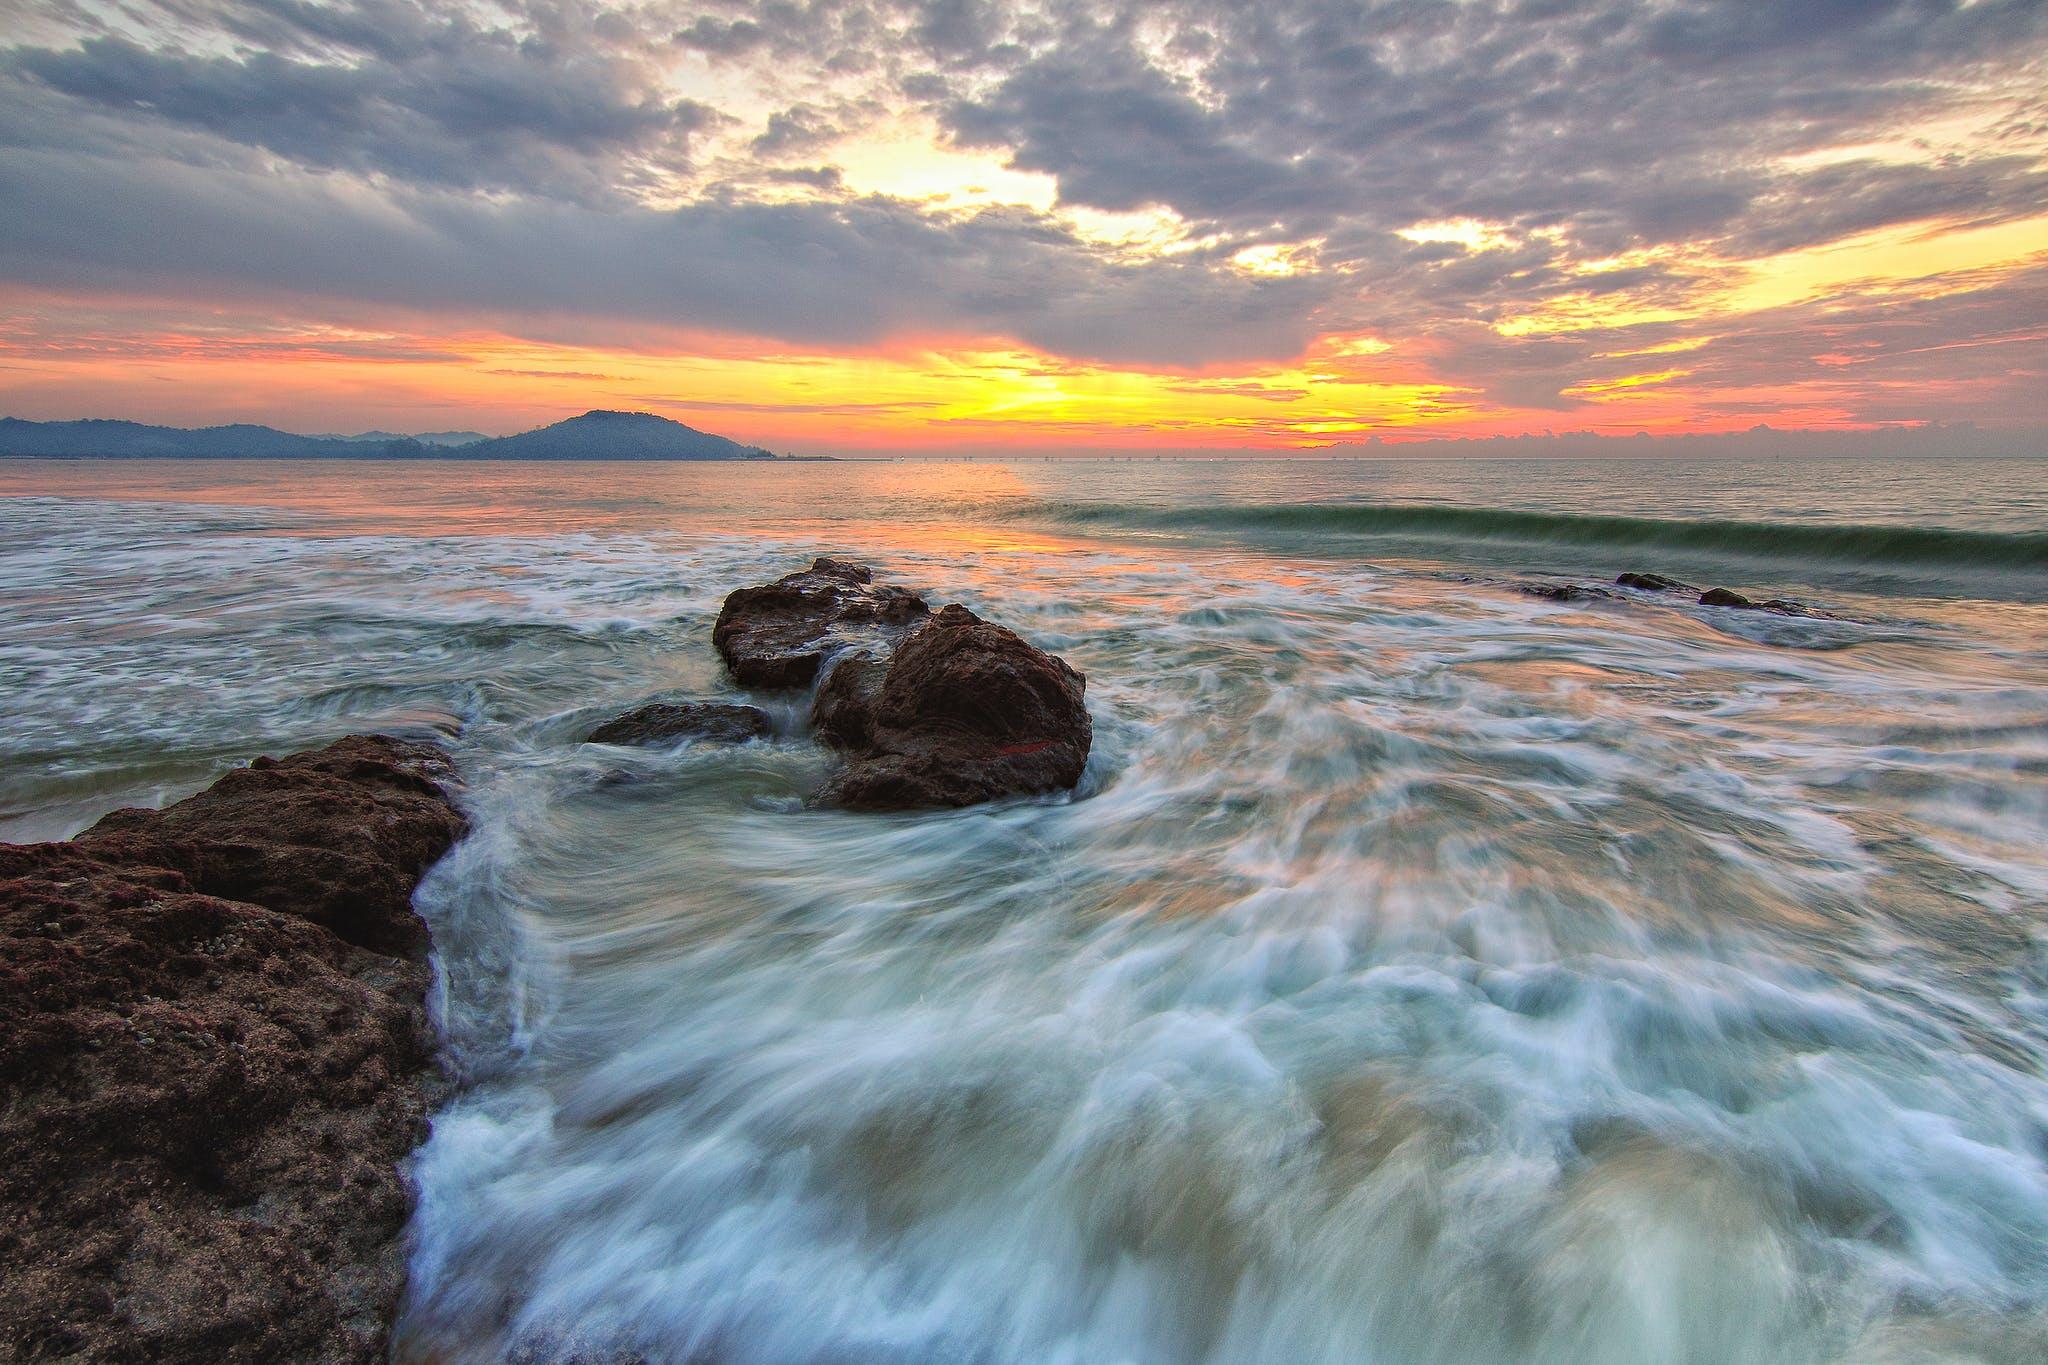 Ocean Under White Clouds during Orange Sunset